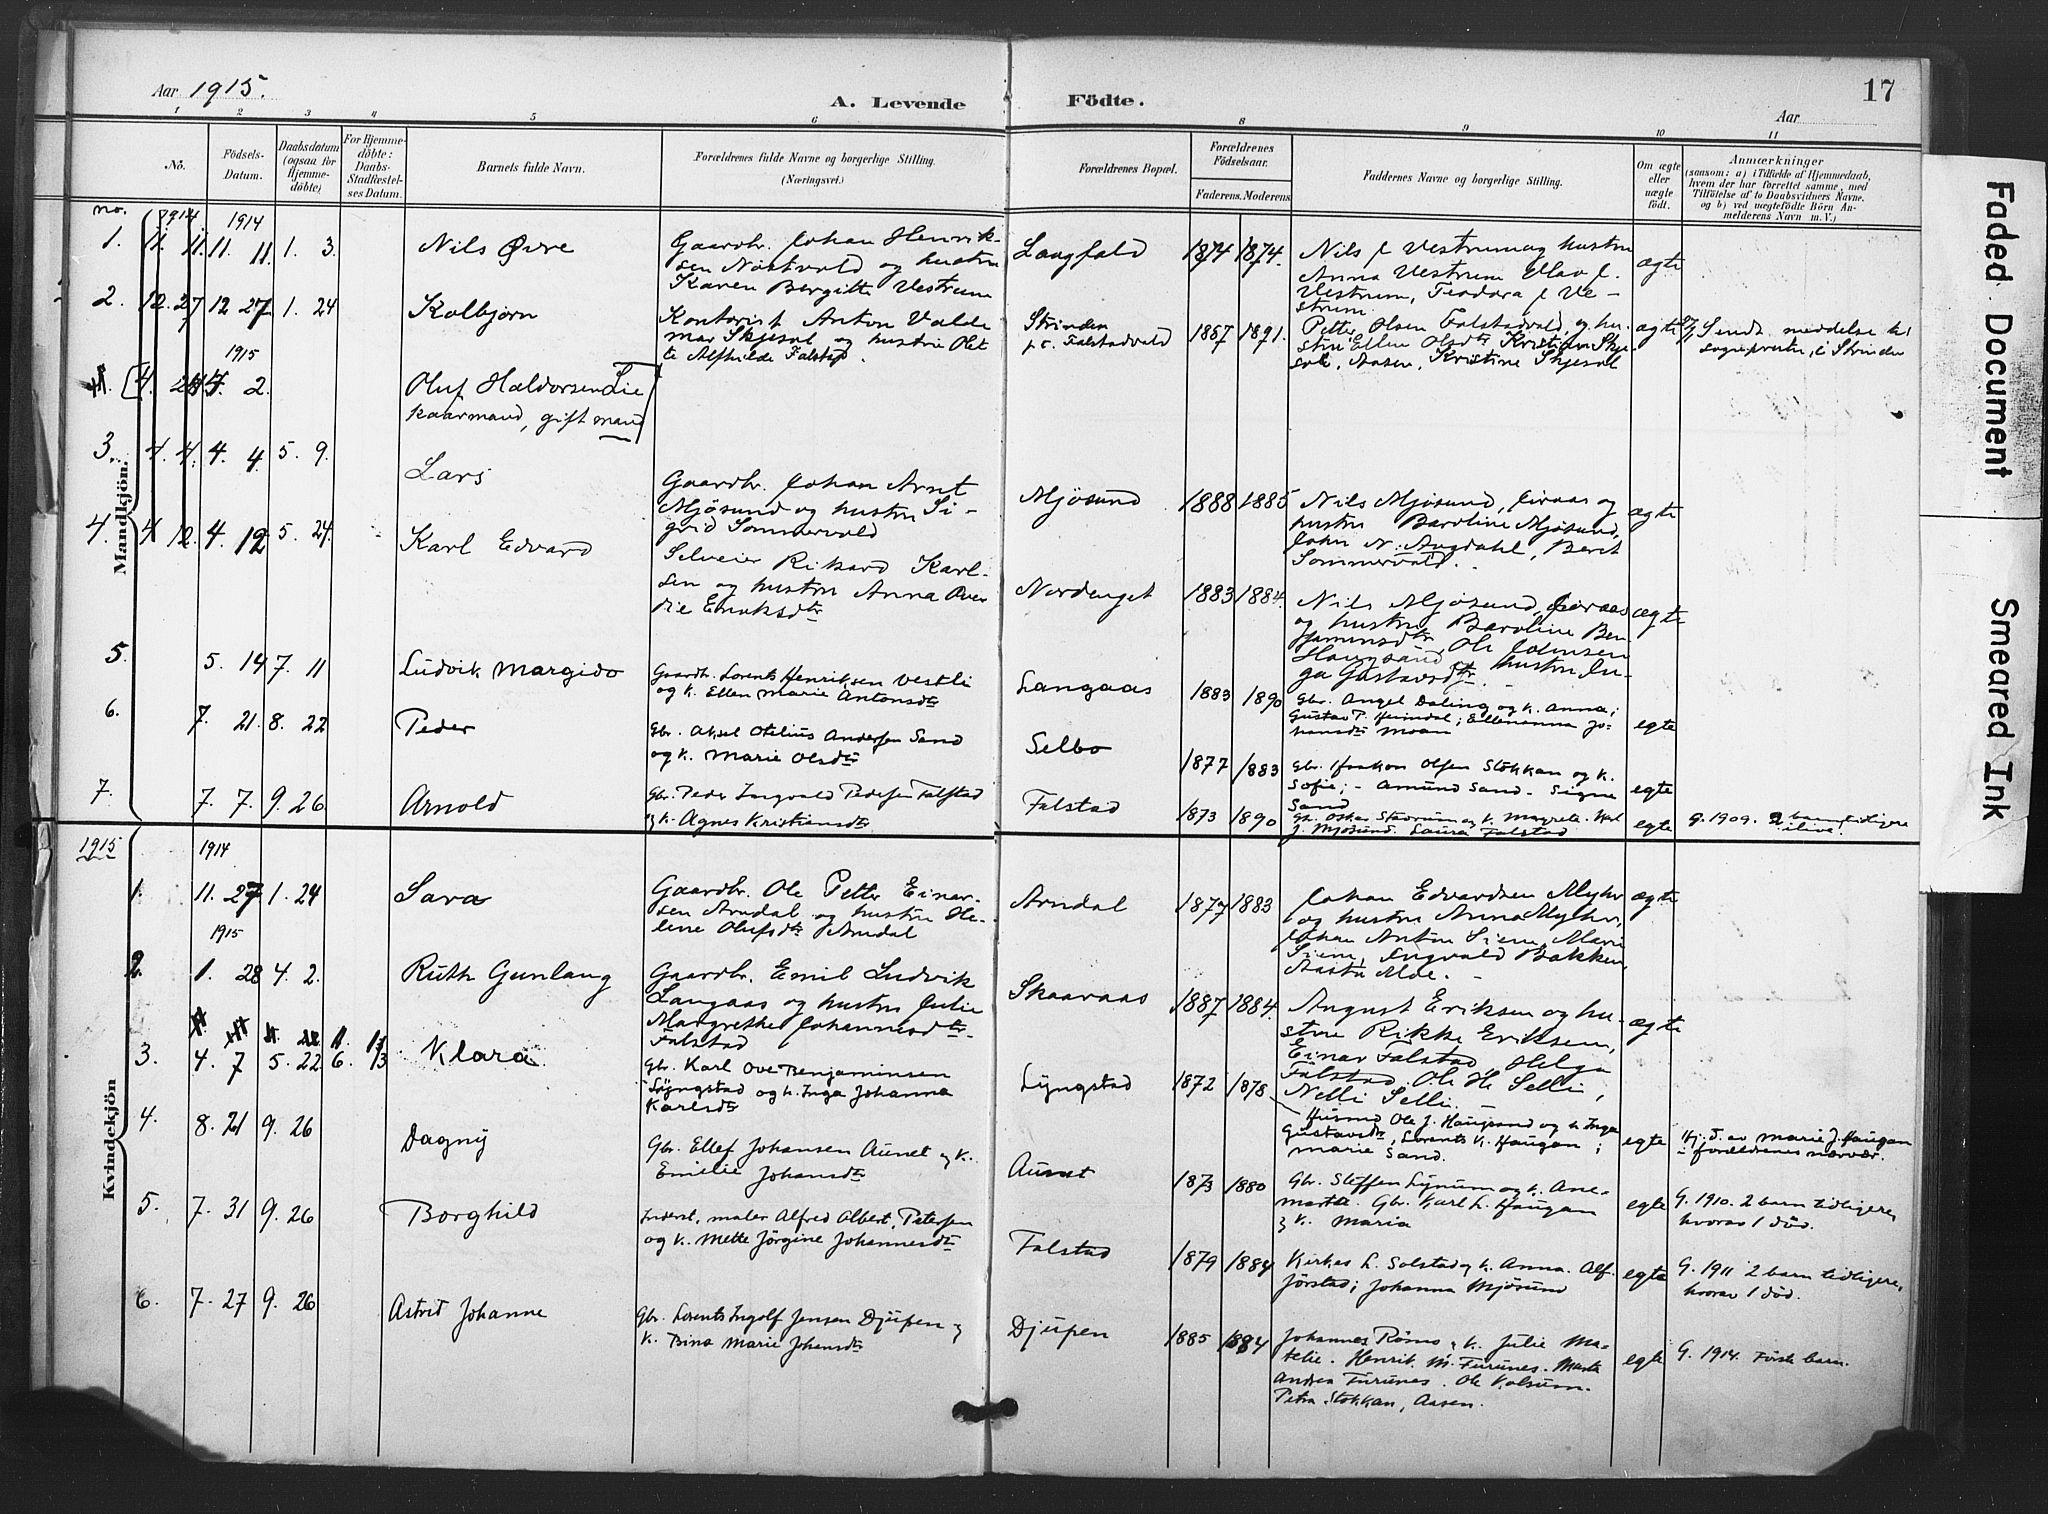 SAT, Ministerialprotokoller, klokkerbøker og fødselsregistre - Nord-Trøndelag, 719/L0179: Ministerialbok nr. 719A02, 1901-1923, s. 17